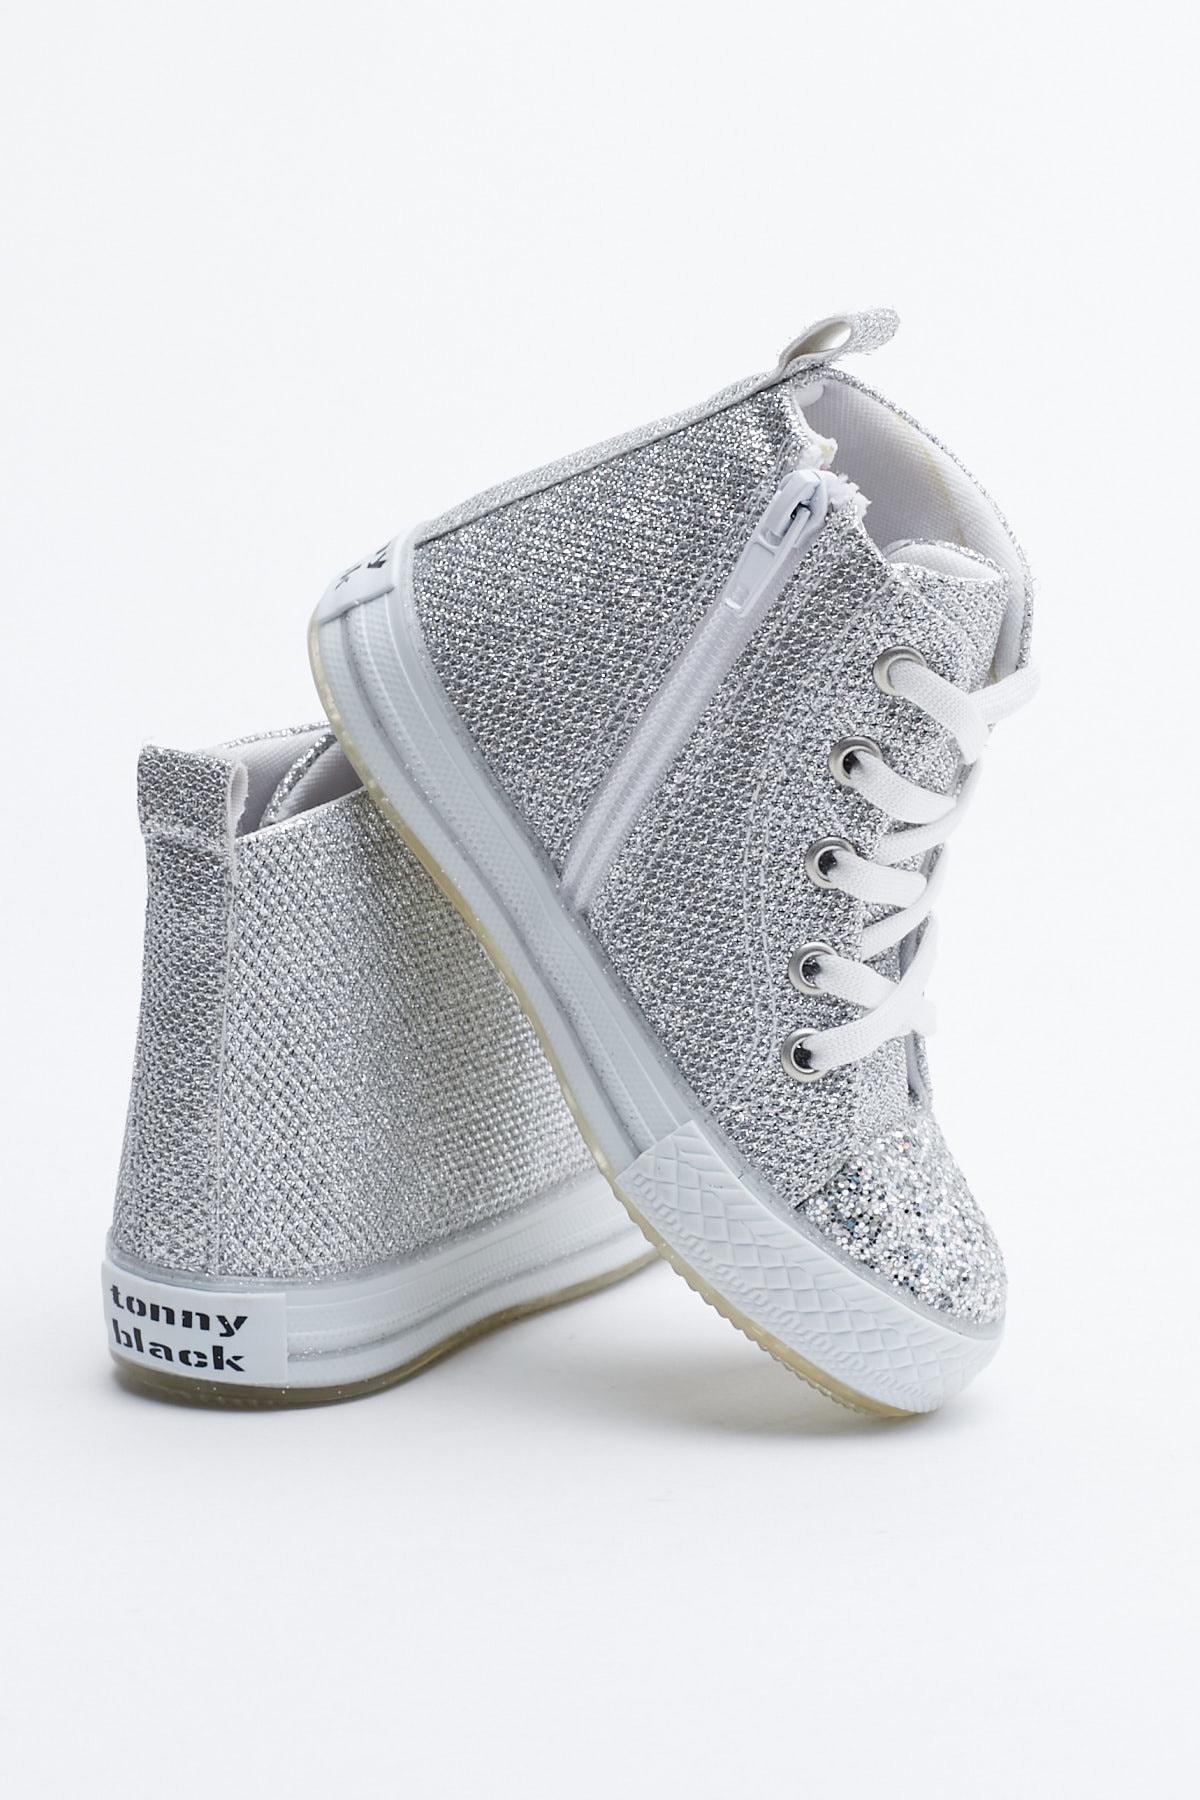 Tonny Black Gümüş Çocuk Spor Ayakkabı Uzun Tb999 2